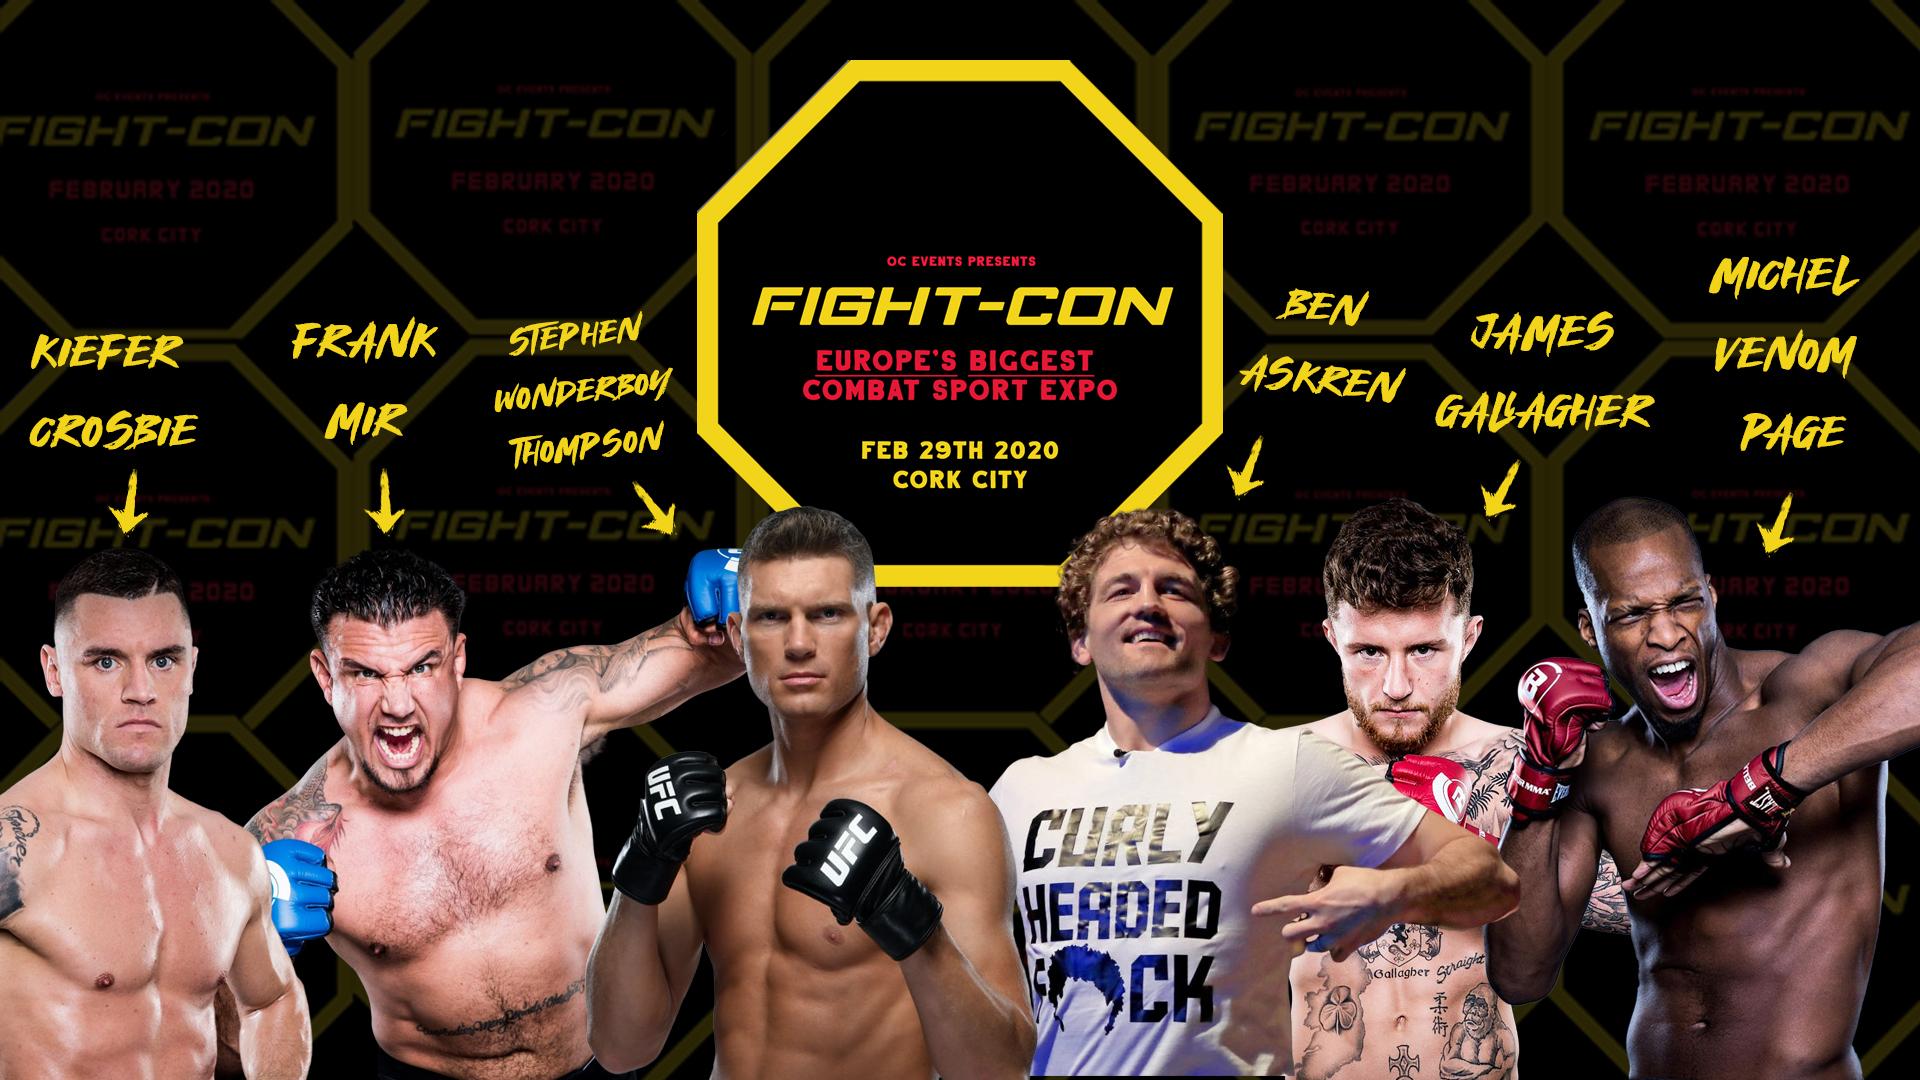 FIGHT-CON